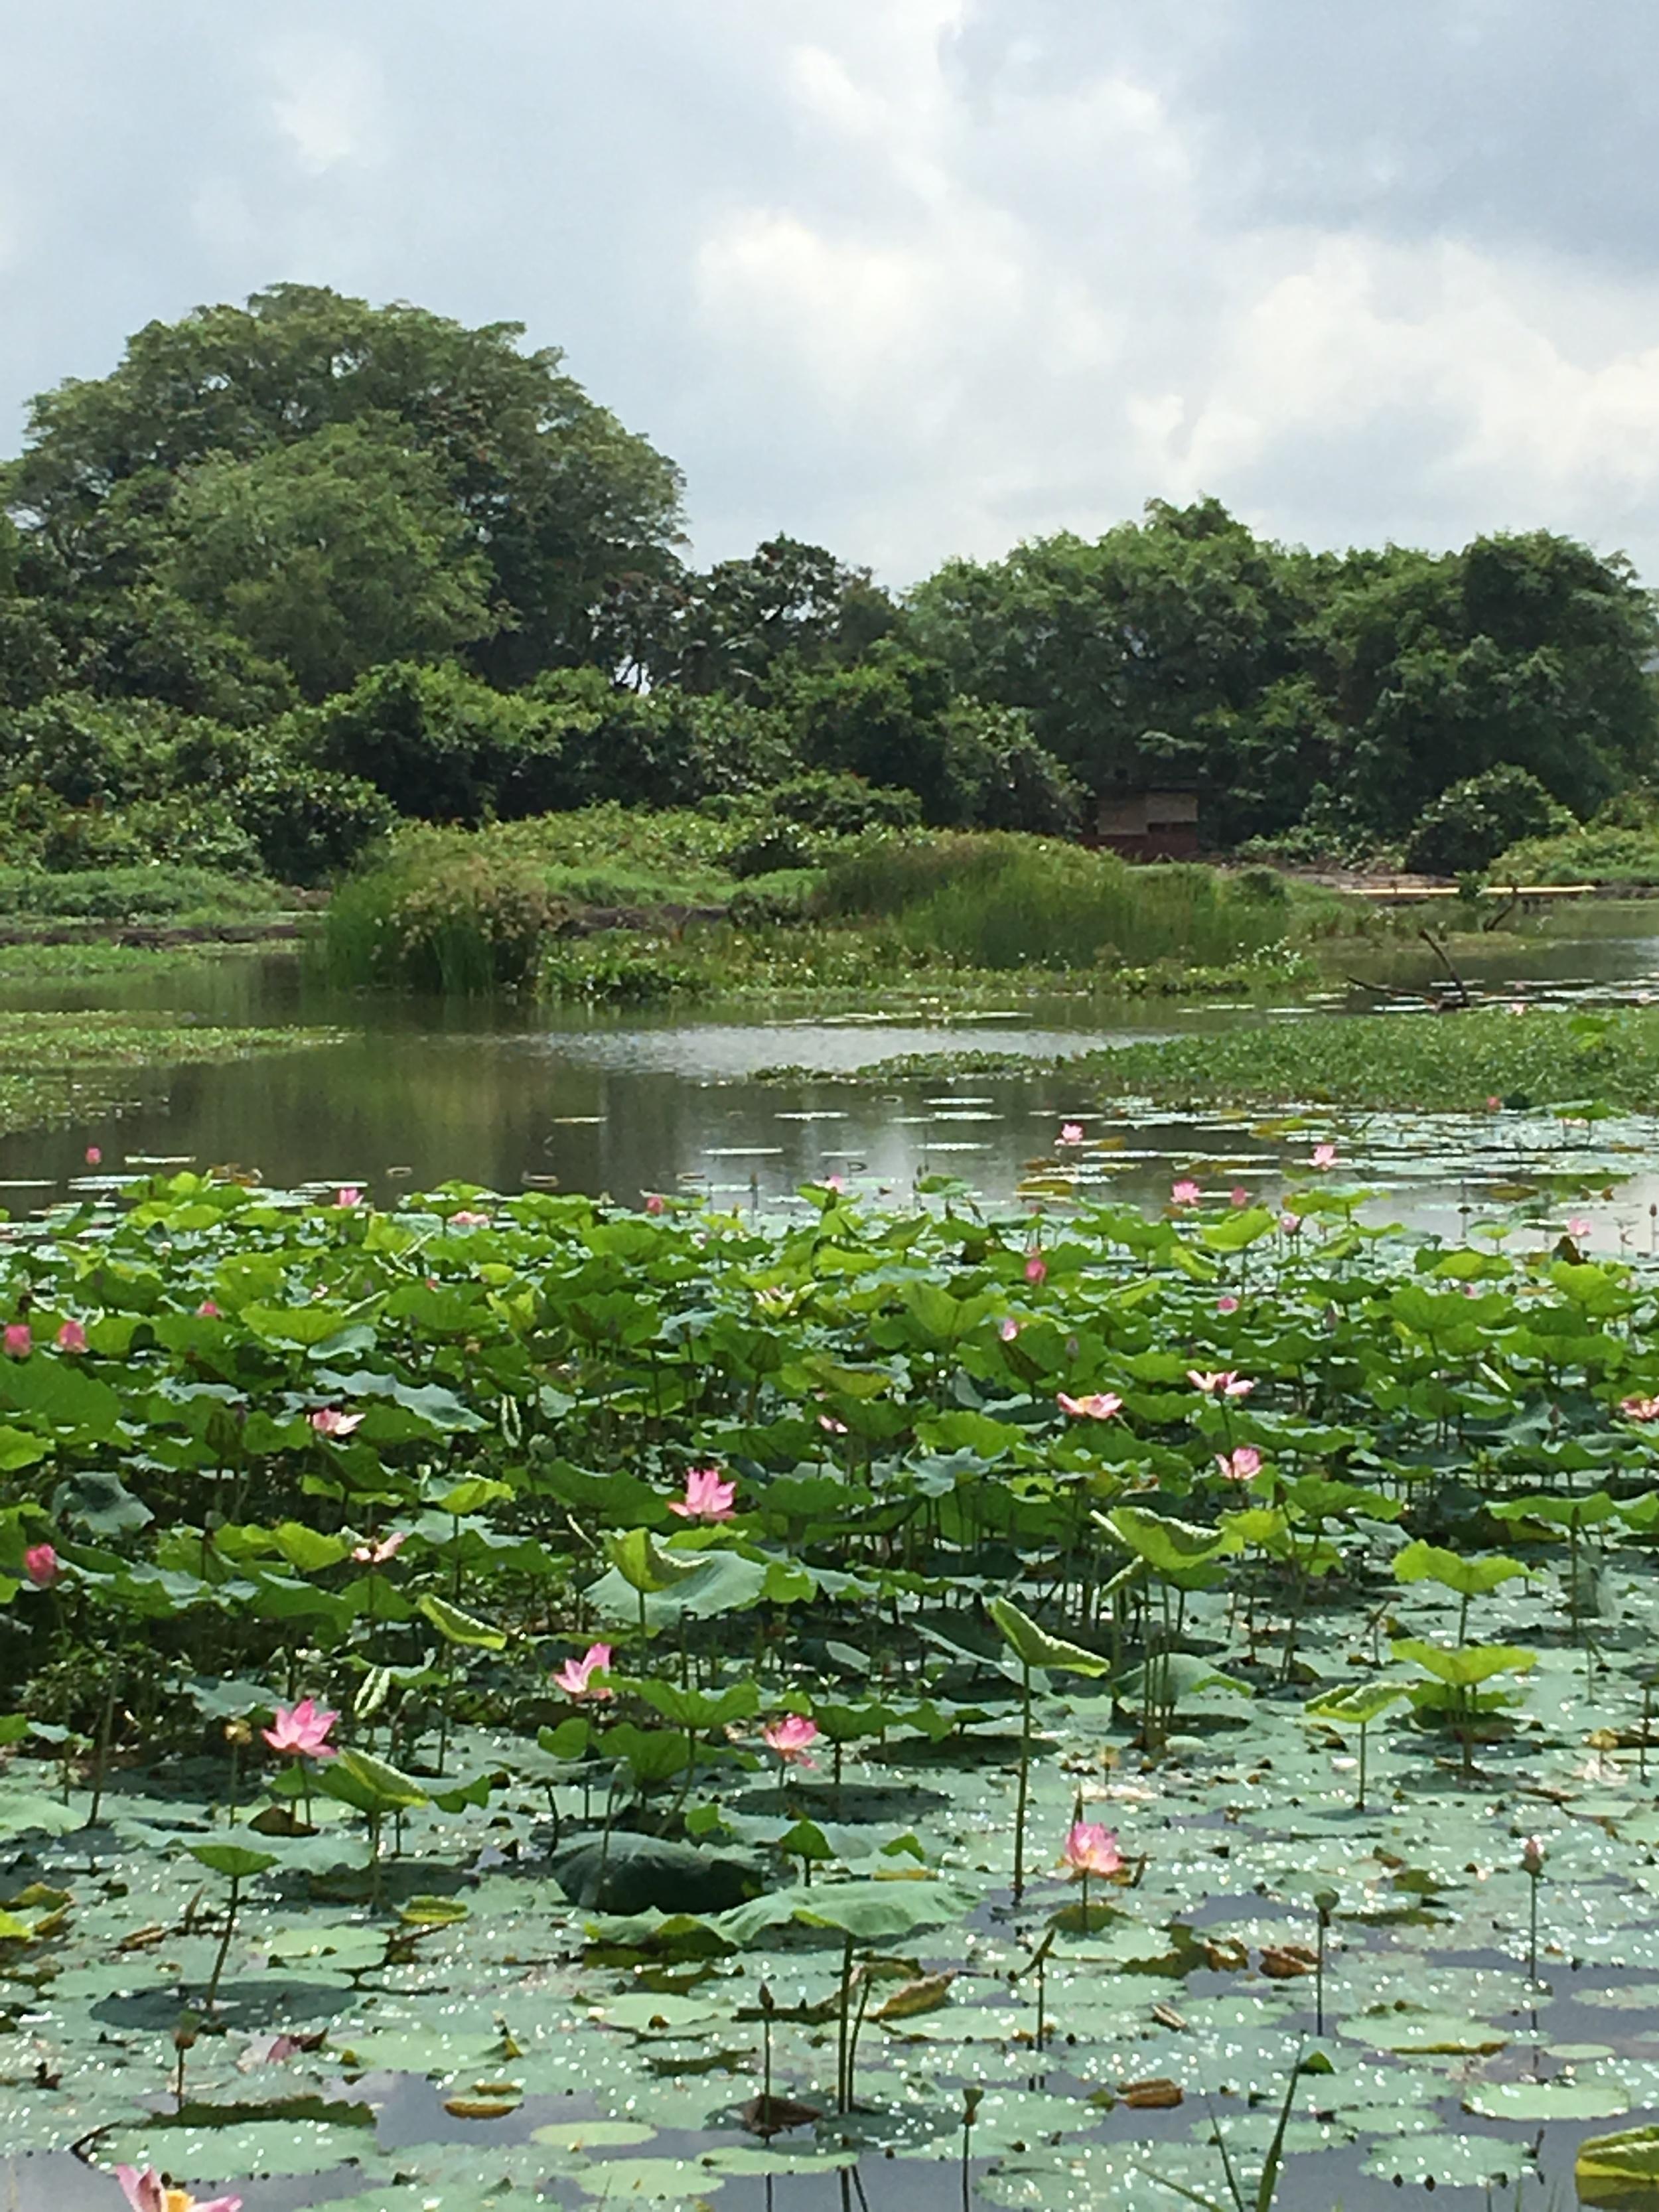 Kranji Marshes - West Marsh Pond SCLD